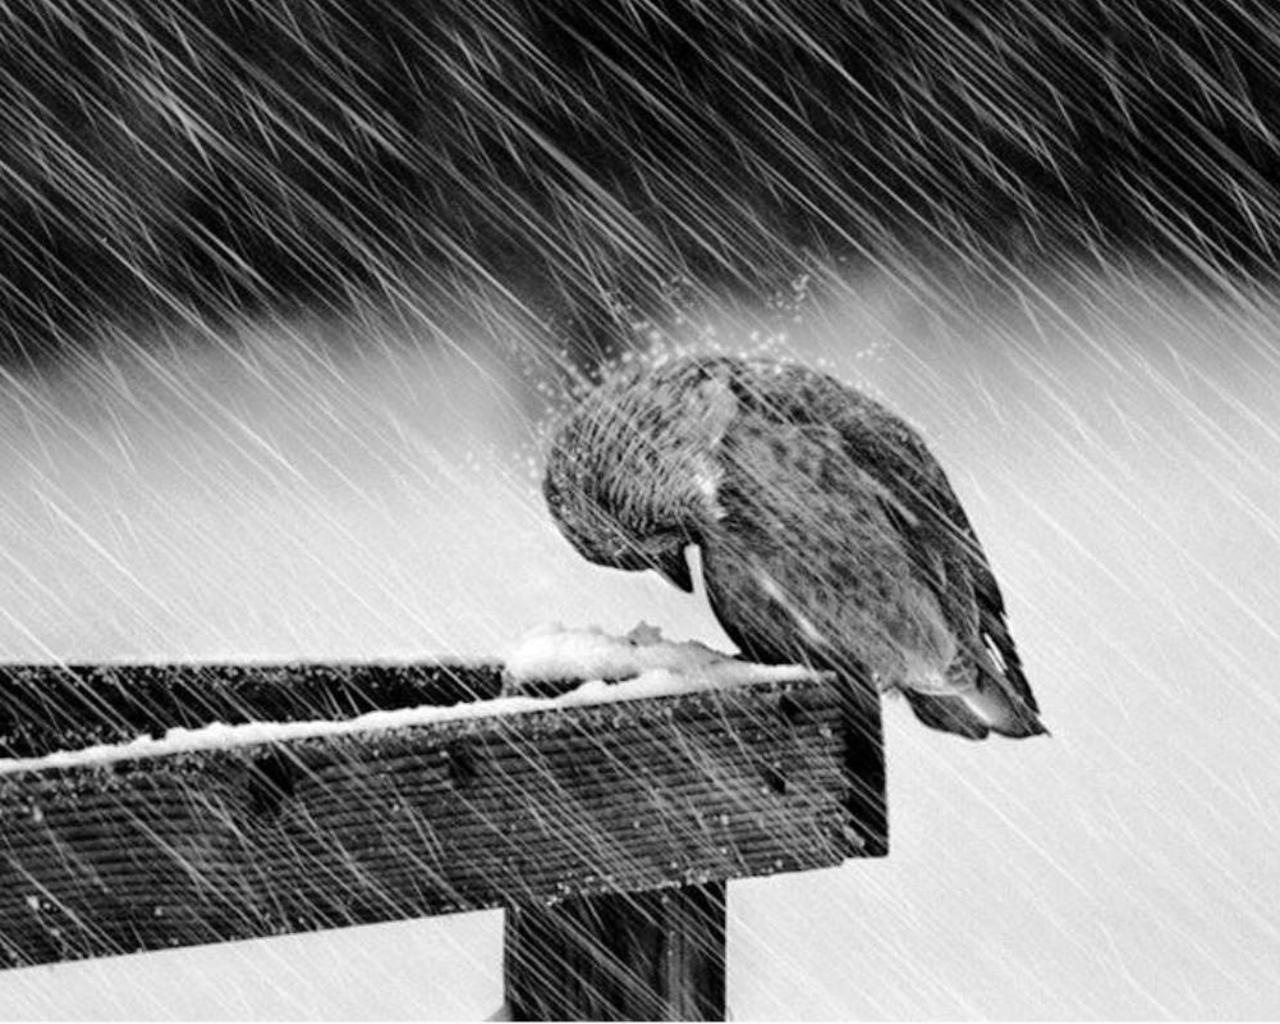 Bộ ảnh cơn mưa buồn miêu tả những nỗi buồn sâu lắng và lãng mạn nhất